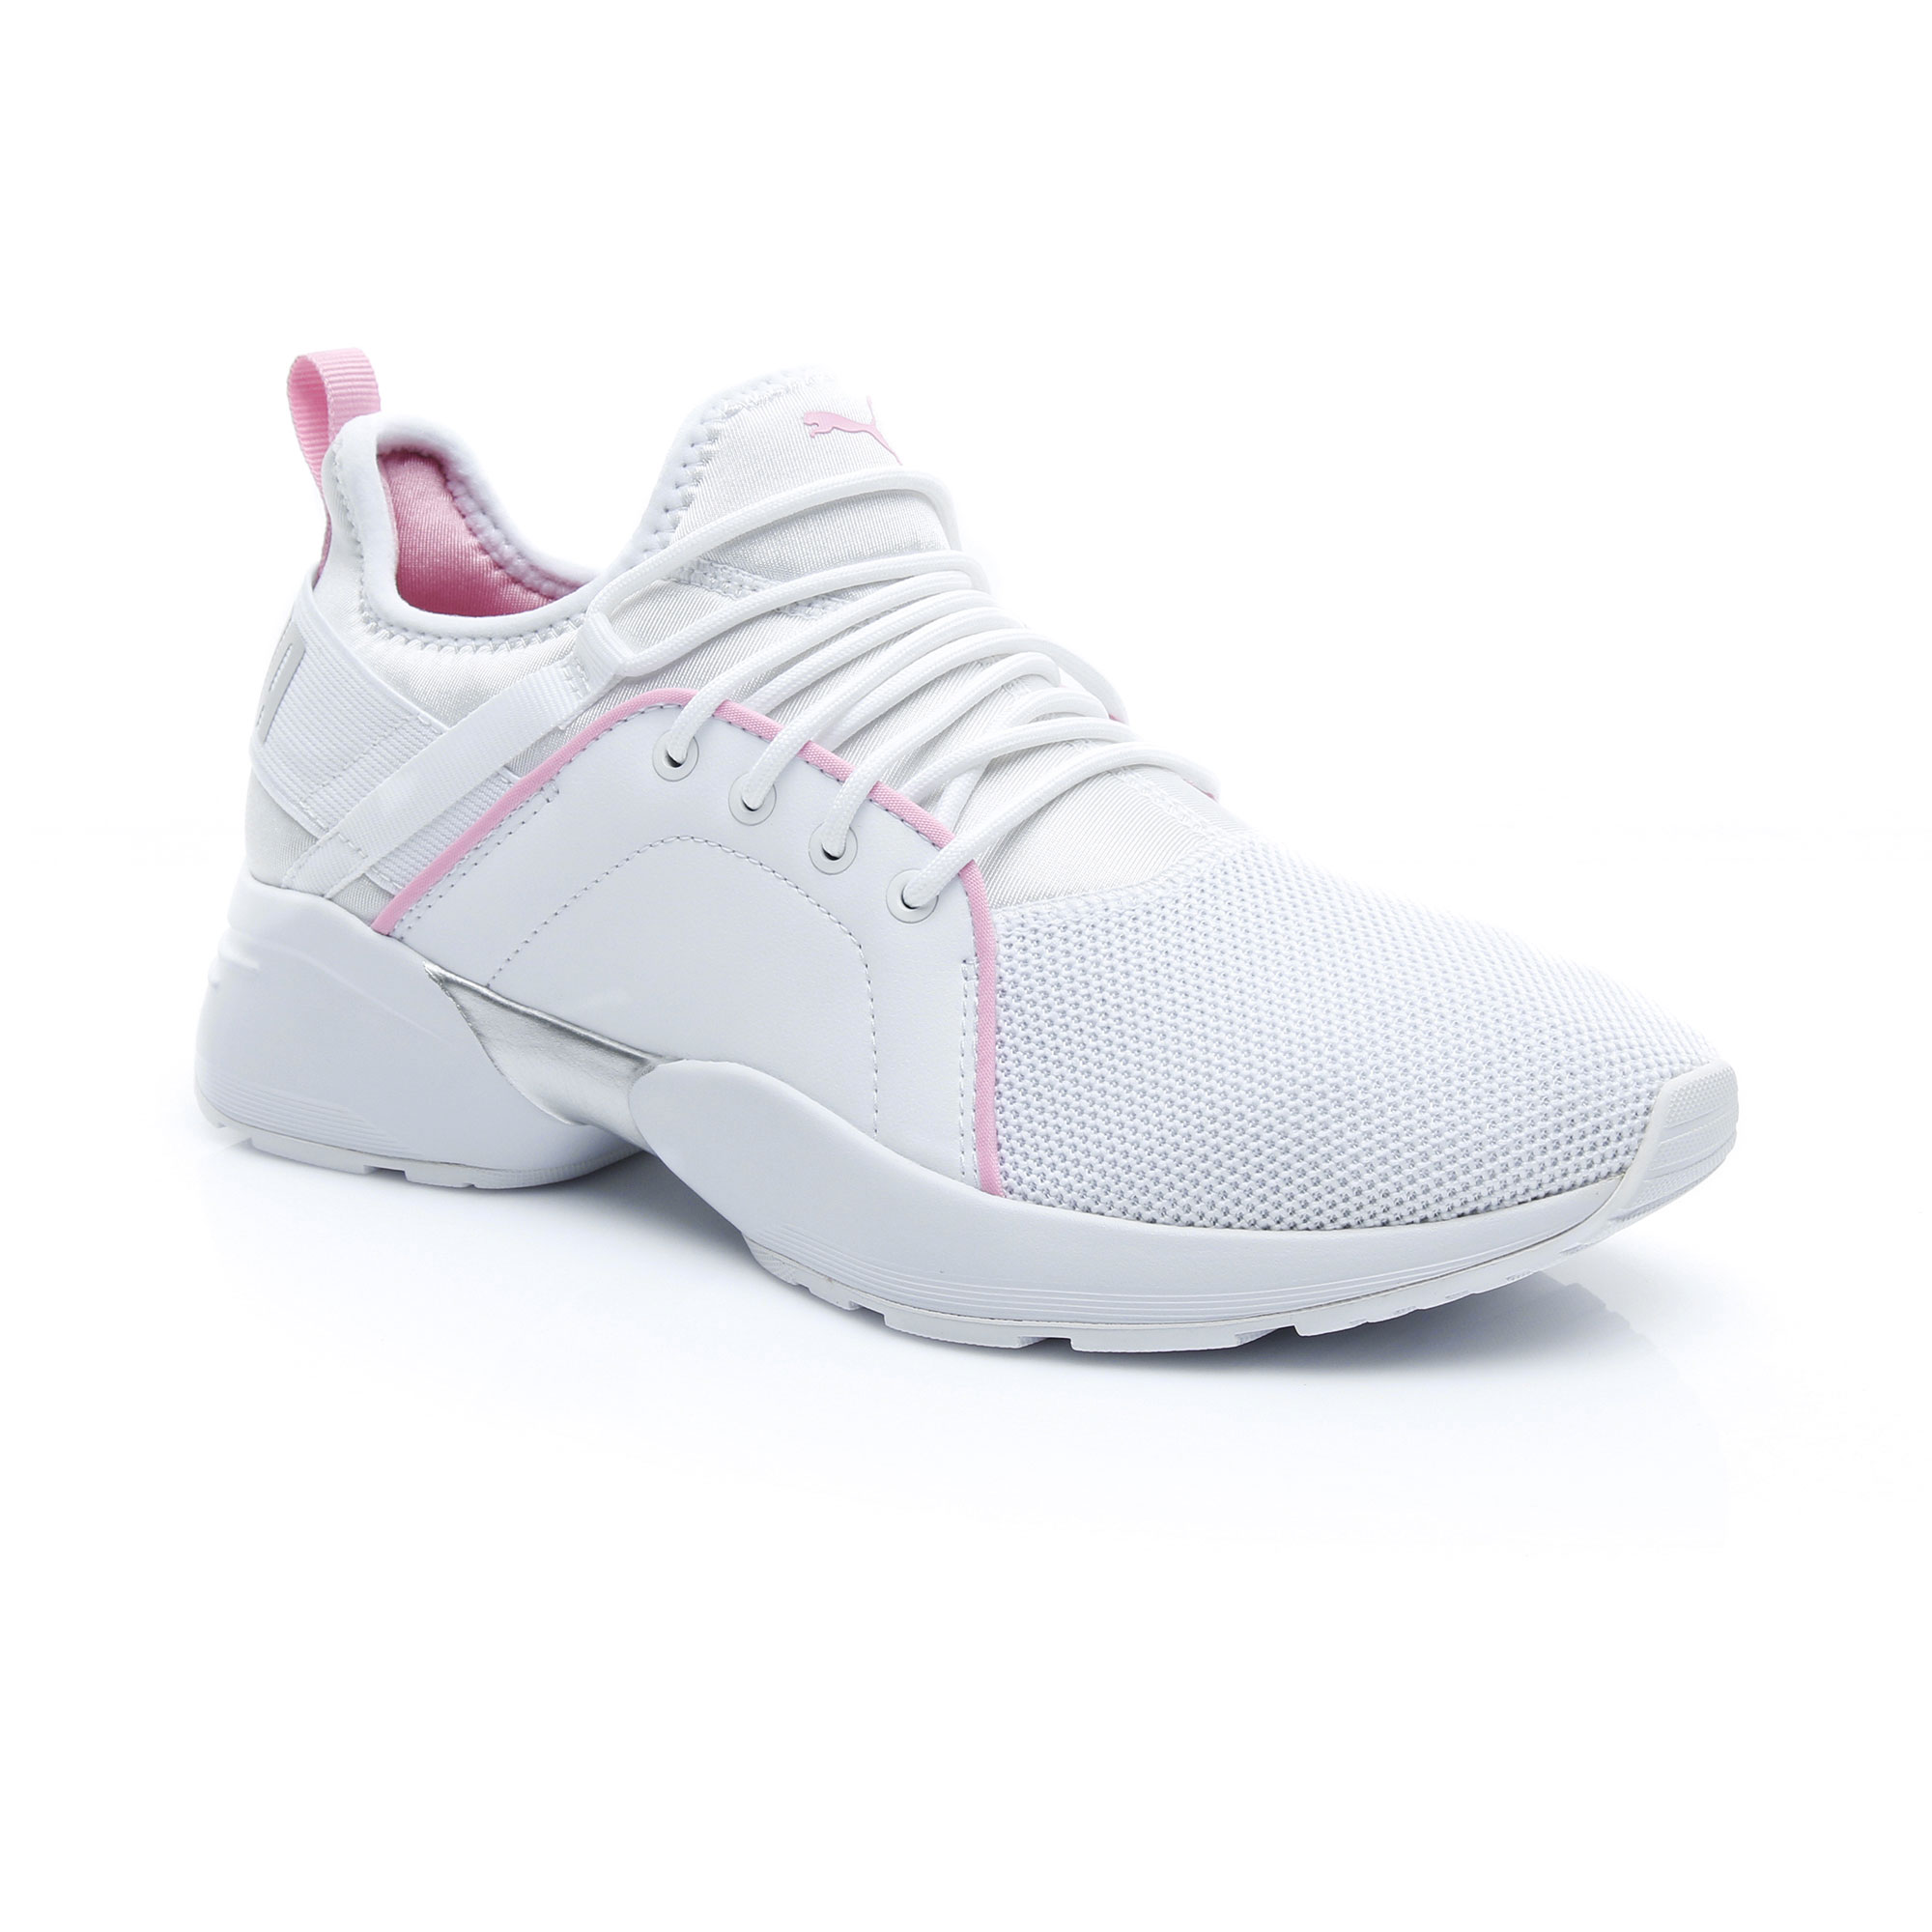 Puma Sirena Kadın Gri Spor Ayakkabı